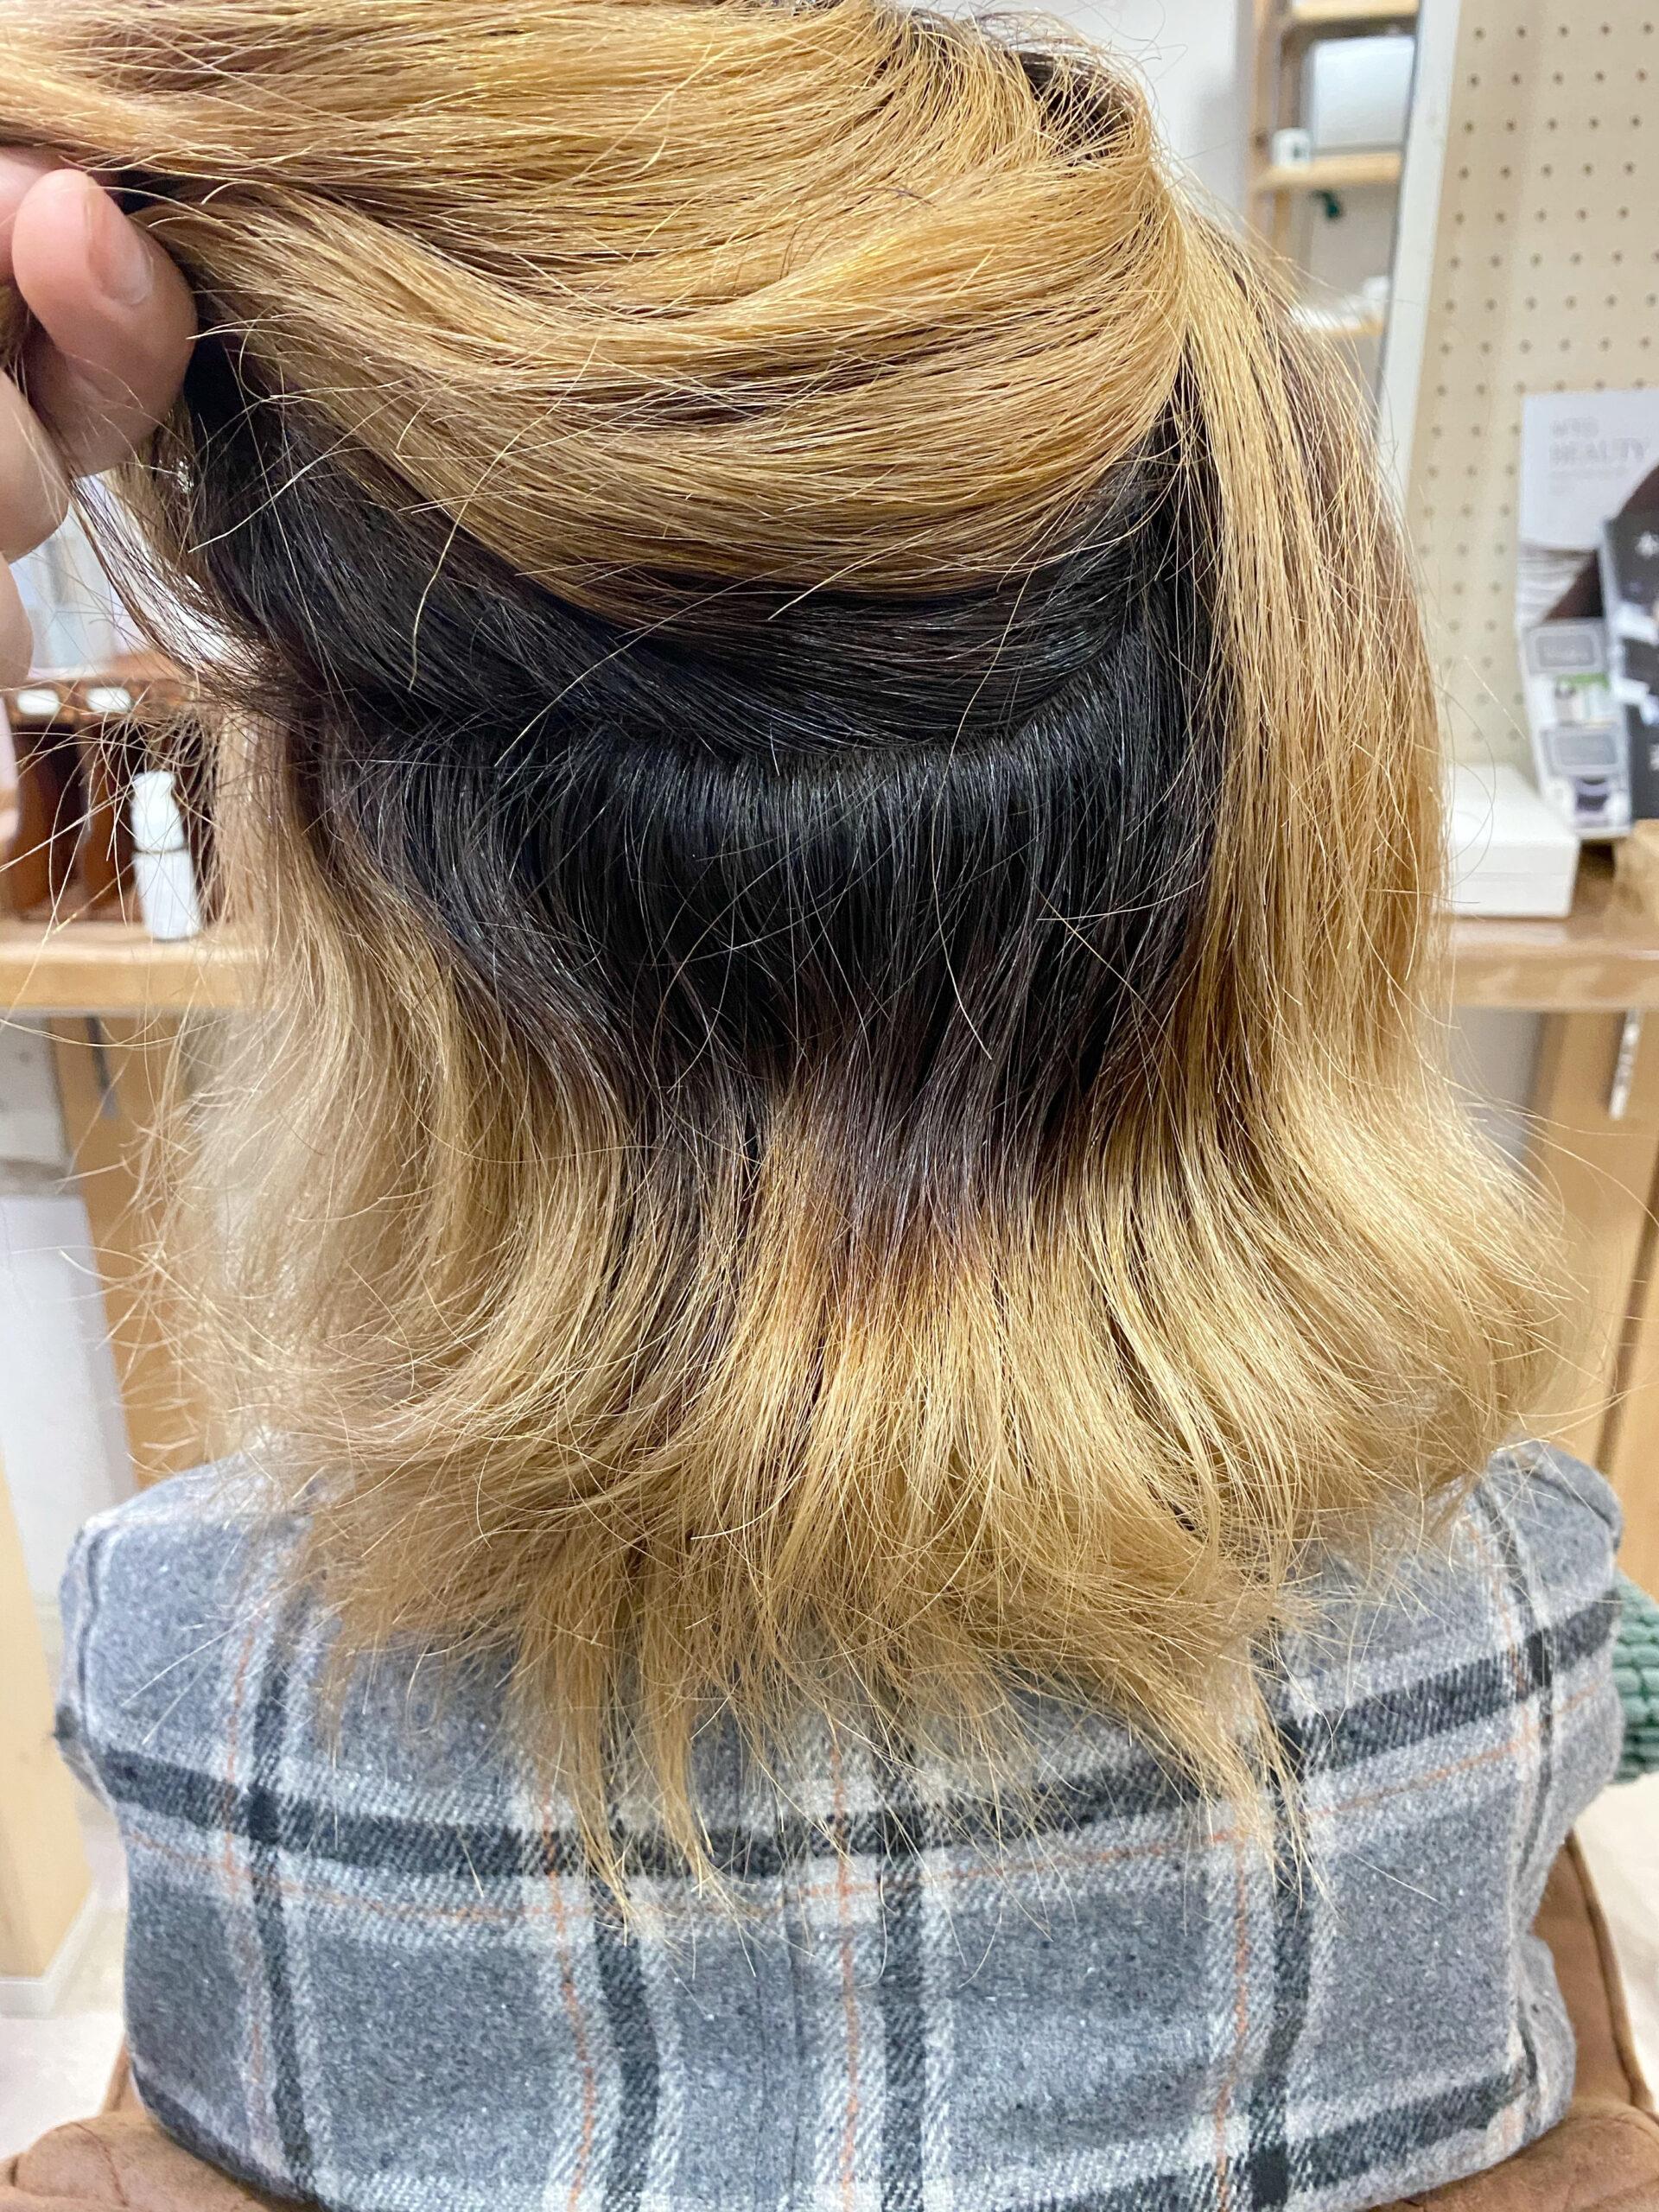 ブリーチを数回している方をジュエリーシステム×LULUトリートメント×縮毛矯正で艶髪ストレートヘア。